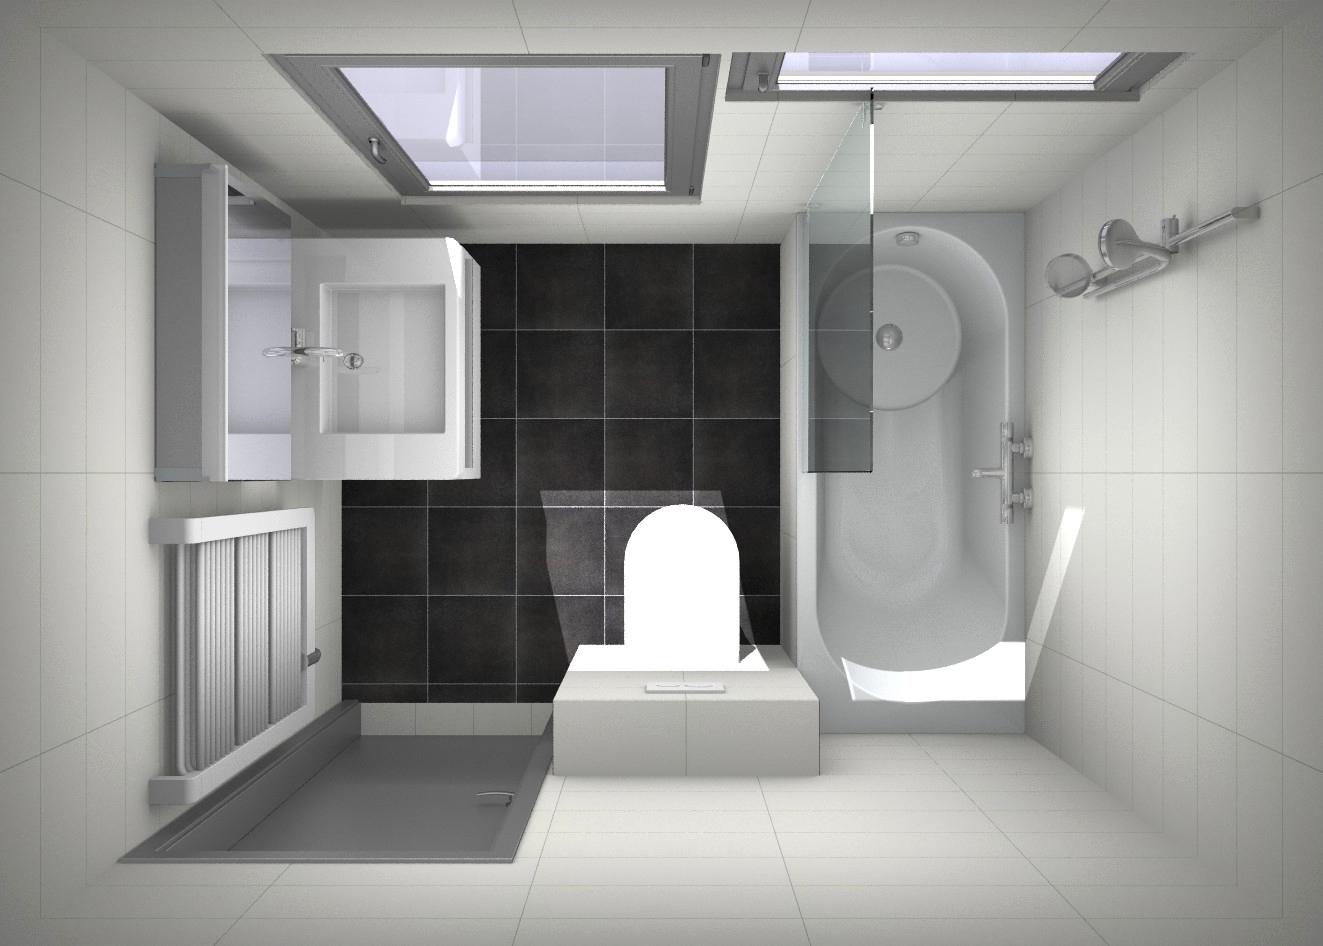 Complete badkamer voorbeelden: tips en advies badkamer ontwerpen ...